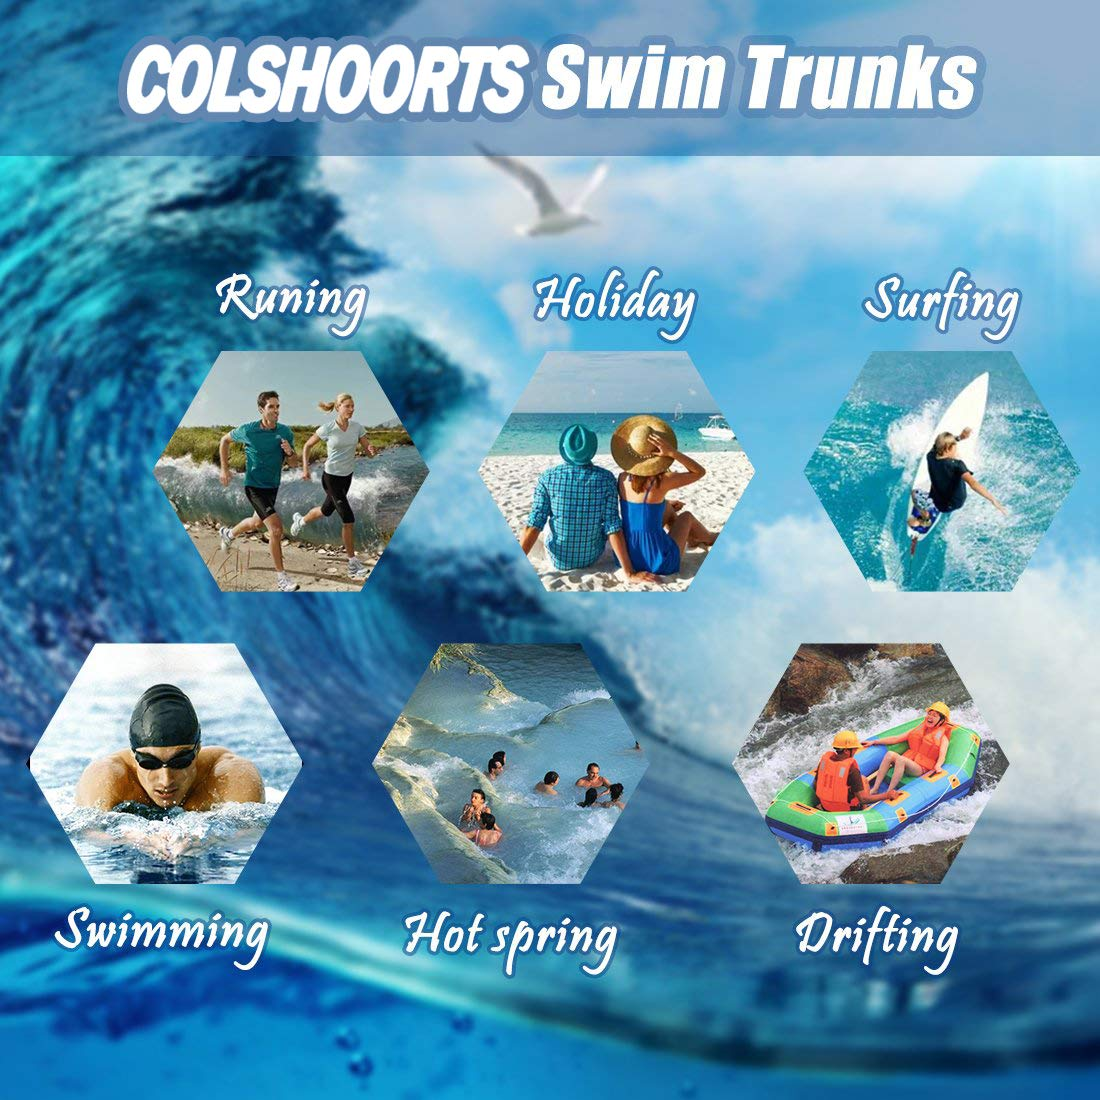 COLSHOORTS Boston Irish Shamrock Drawstring Swim Trunks Casual Surfing Trunks for Men